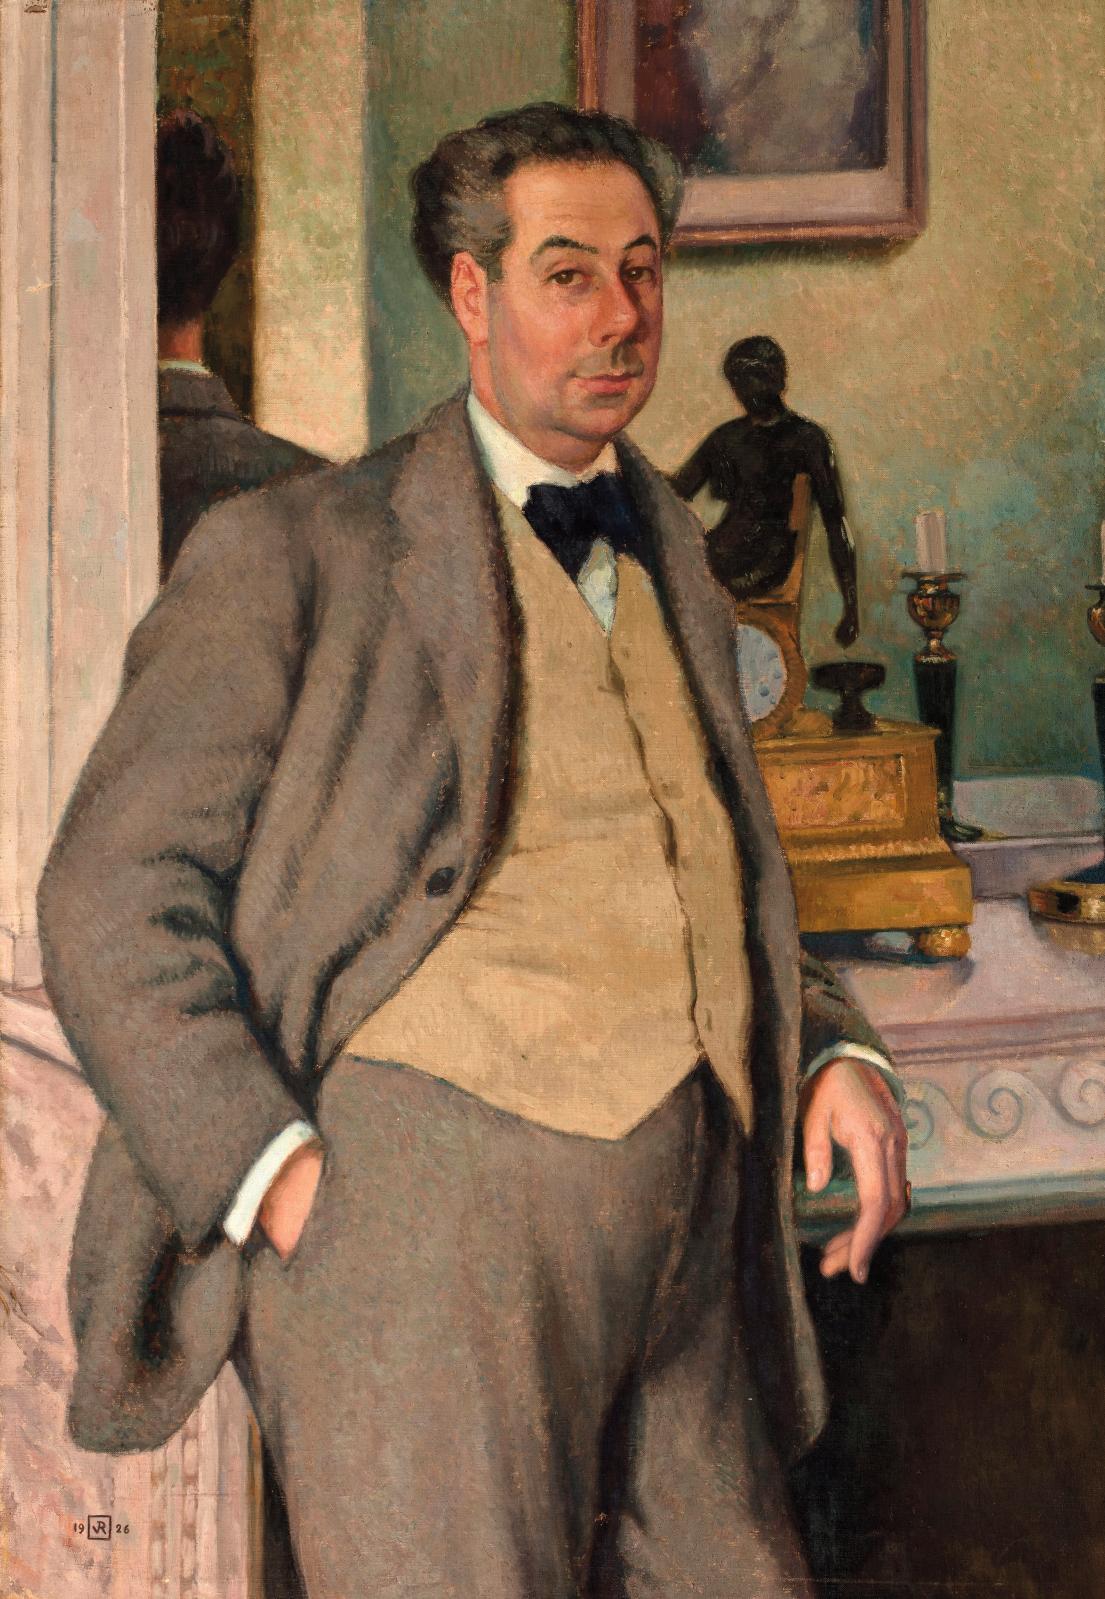 Theo Van Rysselberghe (1862-1926), Portrait de Roger Martin du Gard, 1926, huile sur toile, 116x81,5cm (détail). Estimation: 15000/25